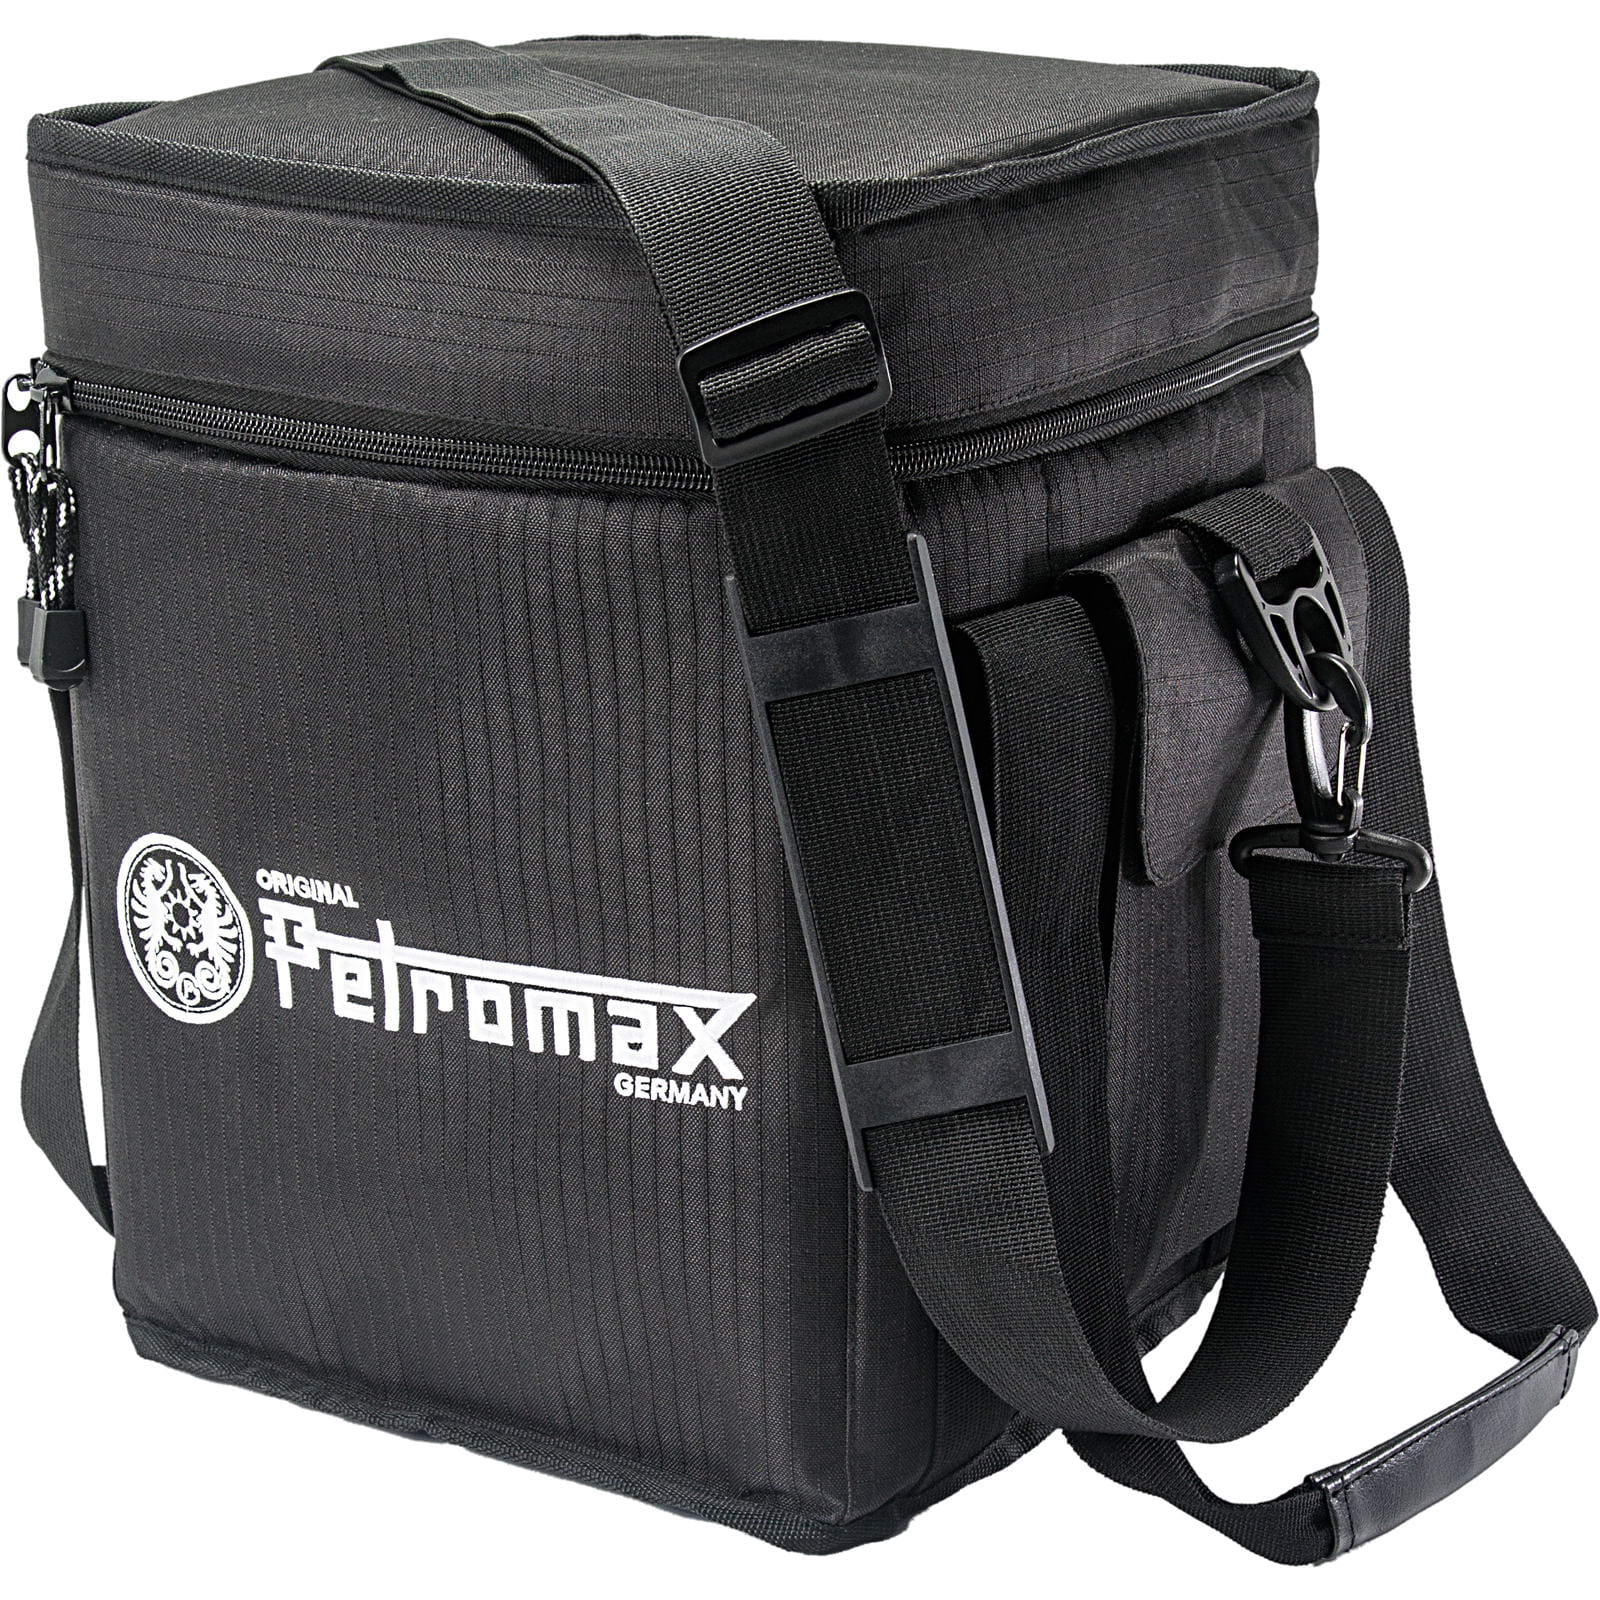 Petromax Tasche für Raketenofen rf33 - Bild 1